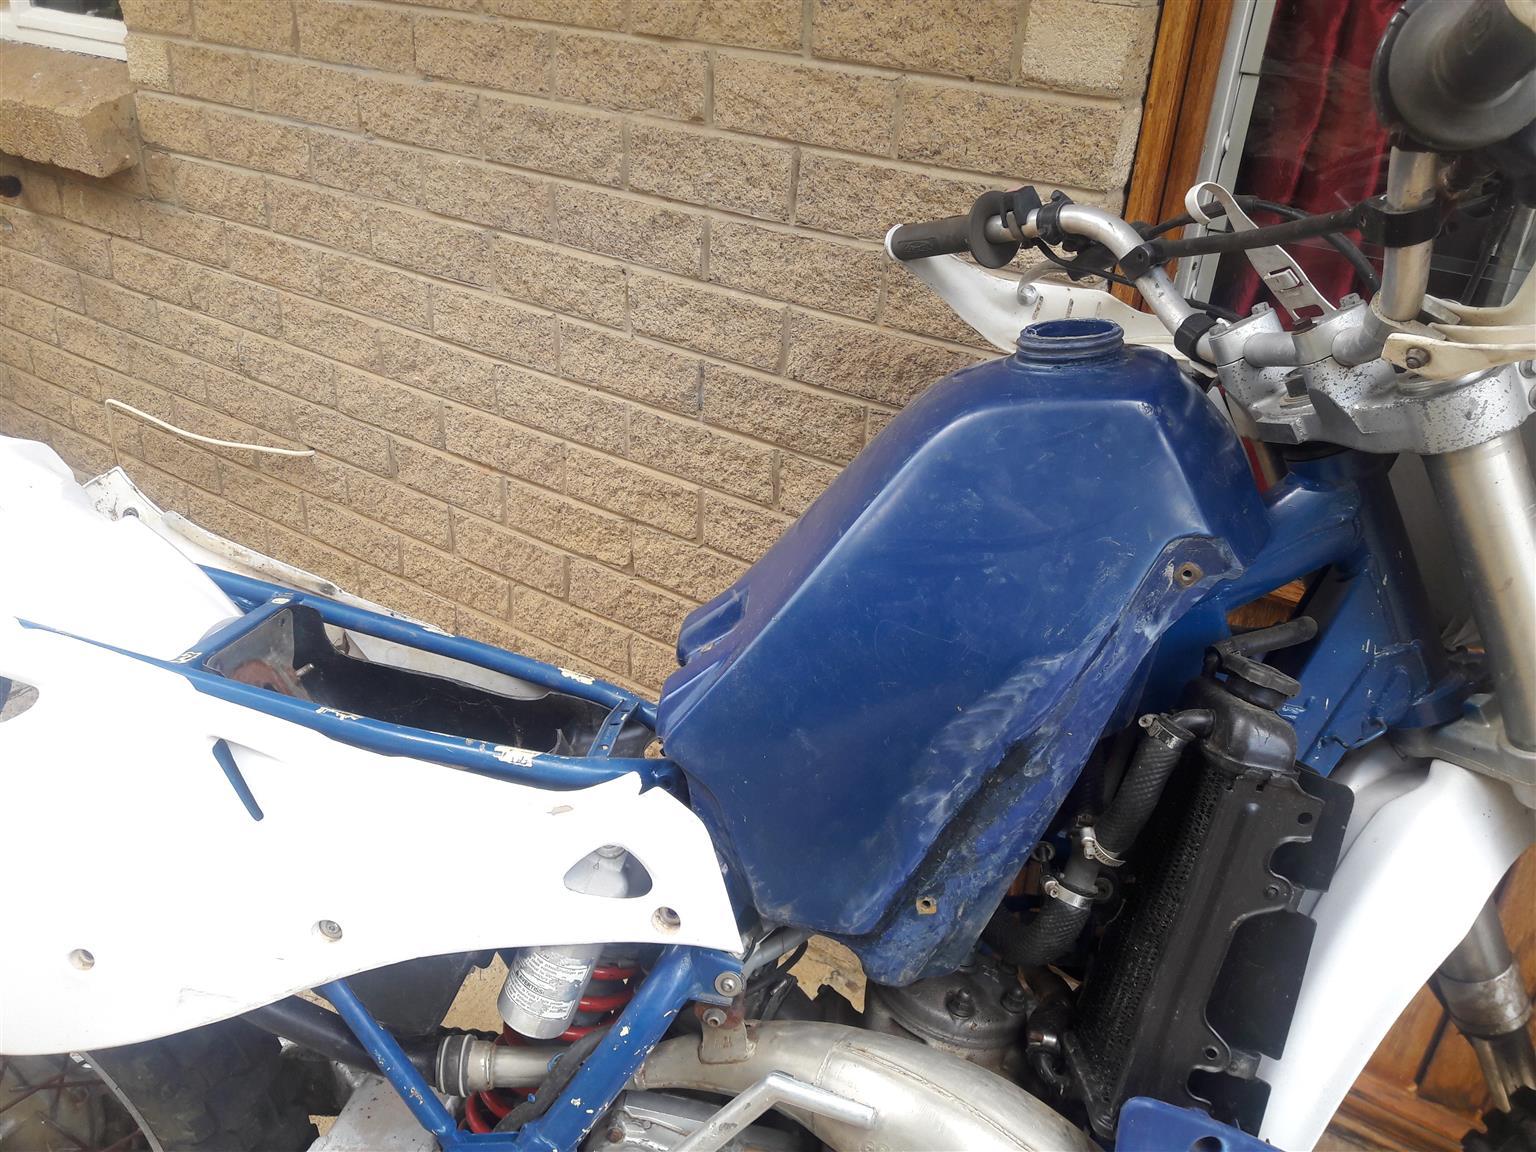 1995 Yamaha WR